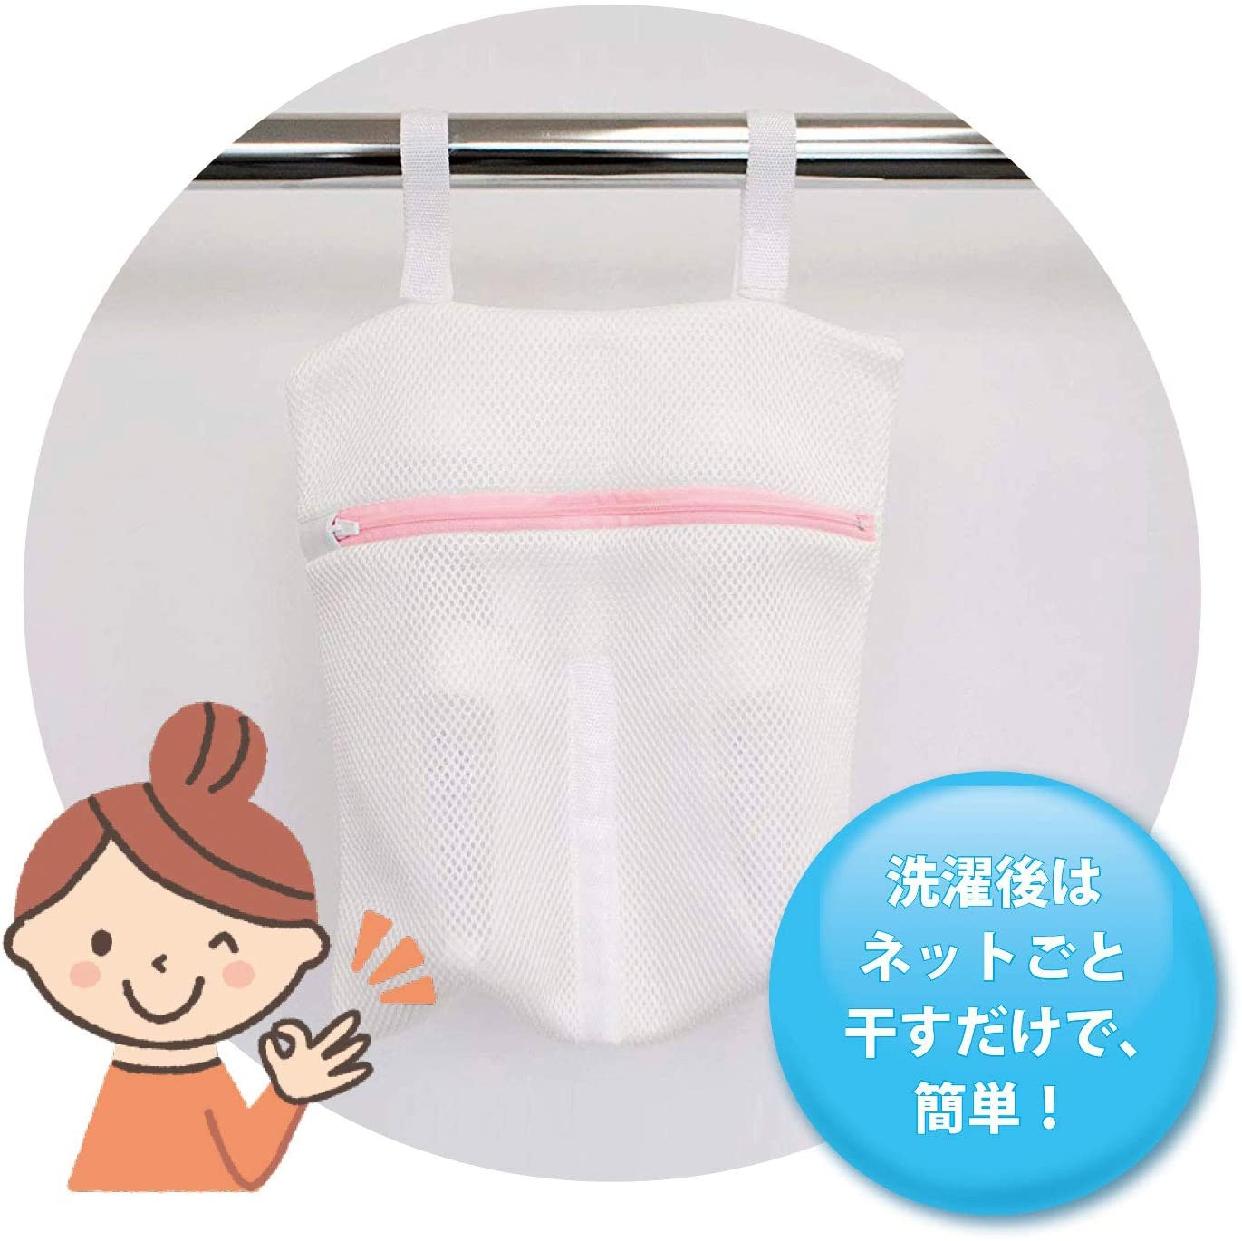 小久保工業所(KOKUBO) 上履き洗ってネットの商品画像4